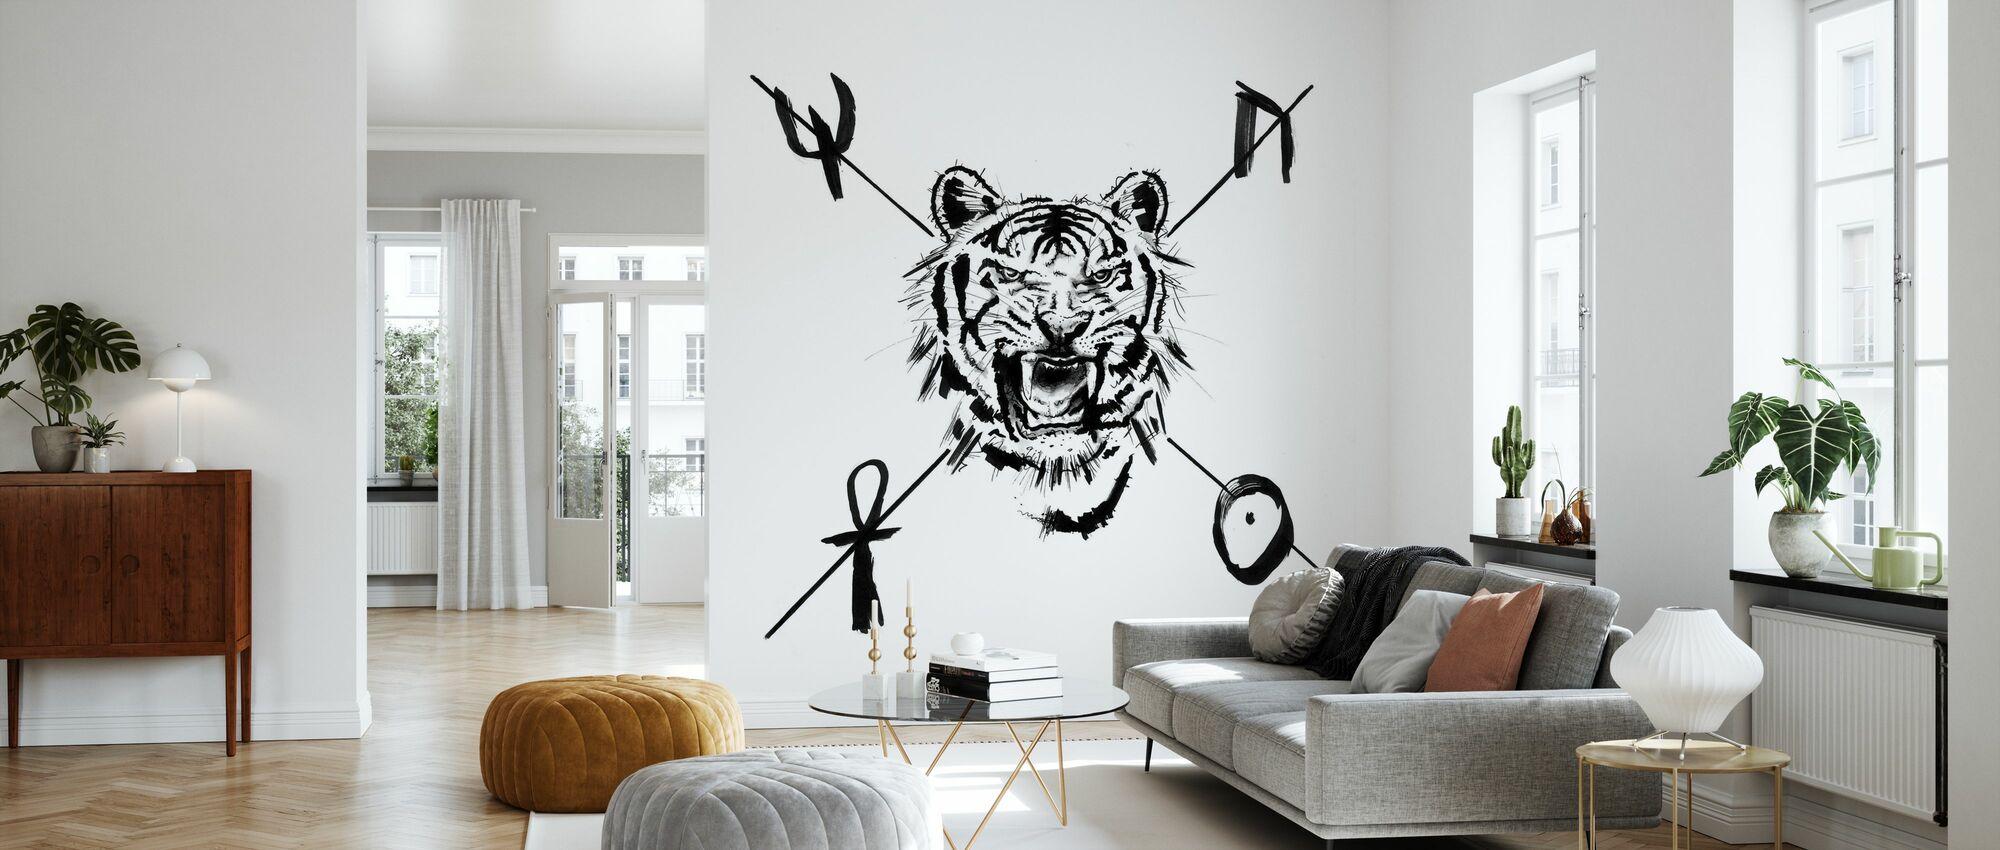 Mystic Tiger - Wallpaper - Living Room